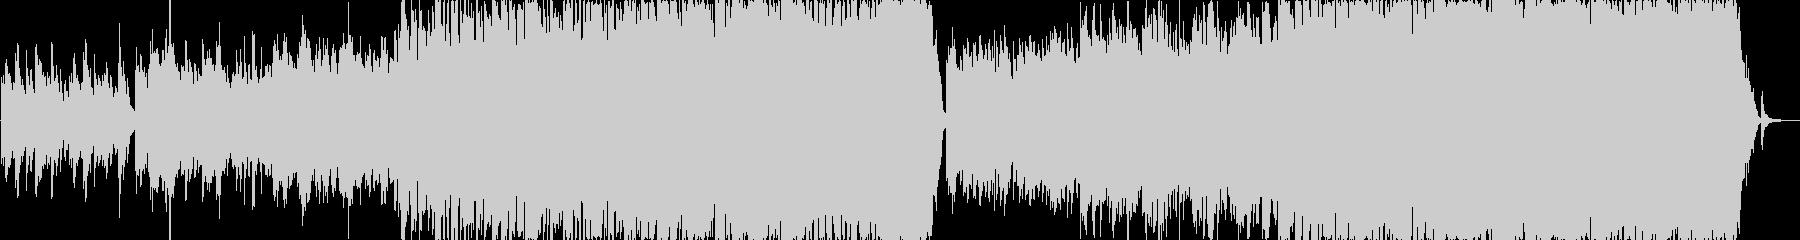 ピアノとオーケストラ映像向けエピックの未再生の波形